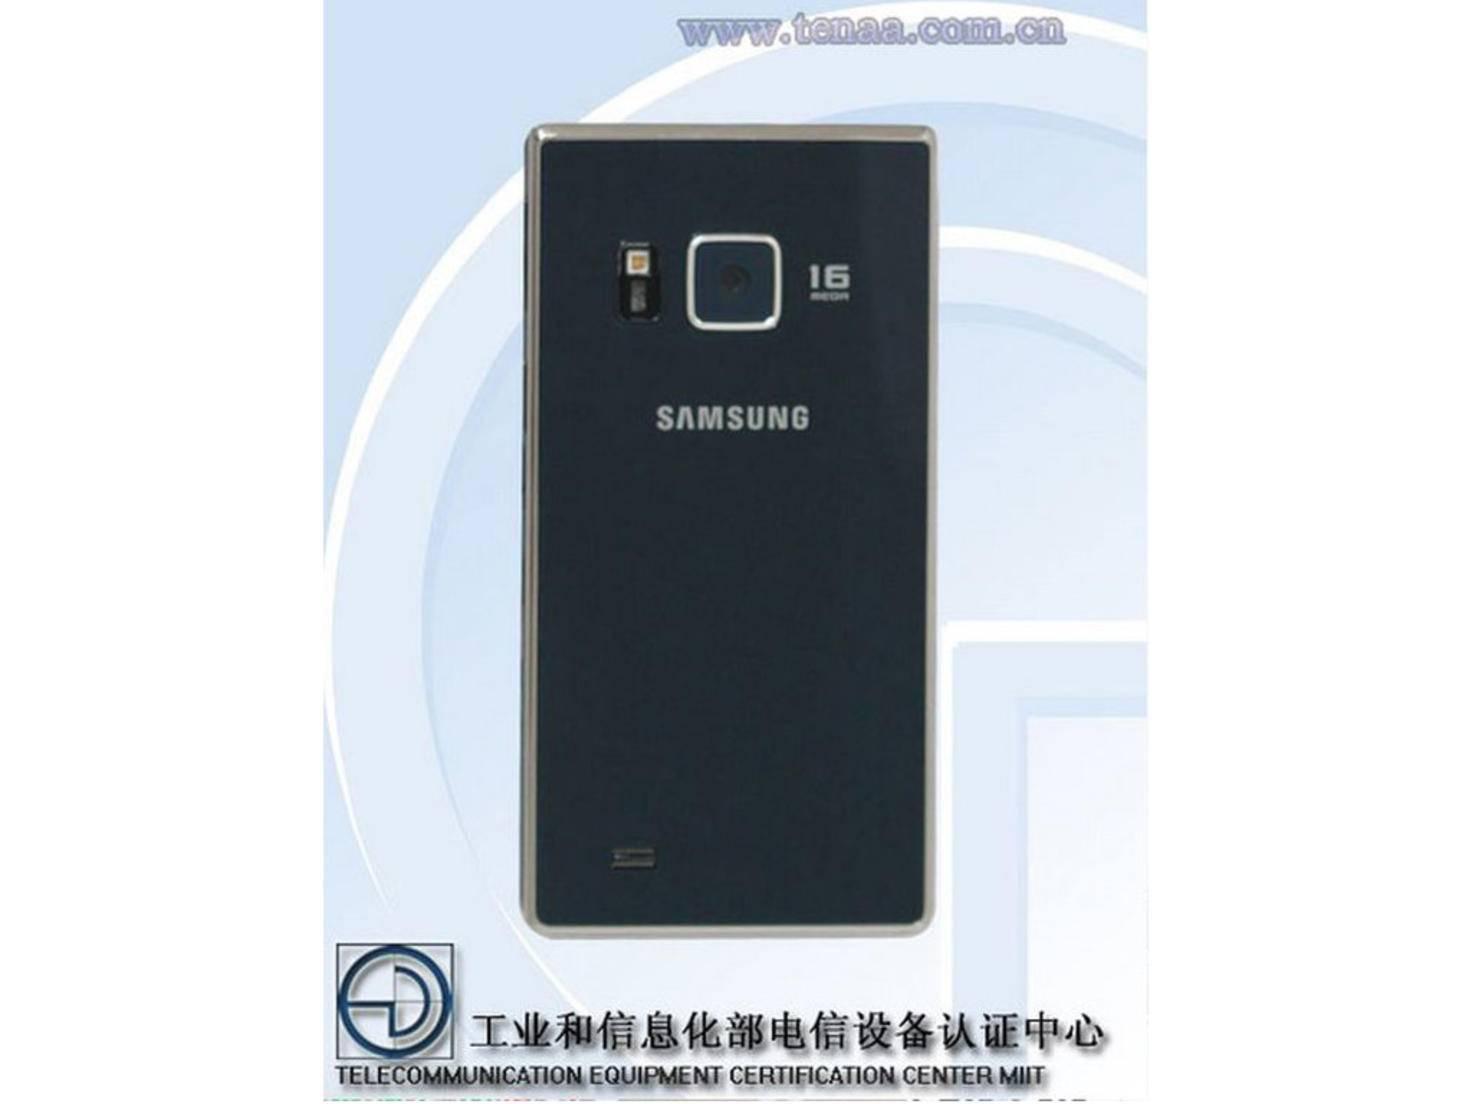 Die chinesische Zertifizierungsbehörde gibt einen Ausblick auf Samsungs Android-Klapphandy.